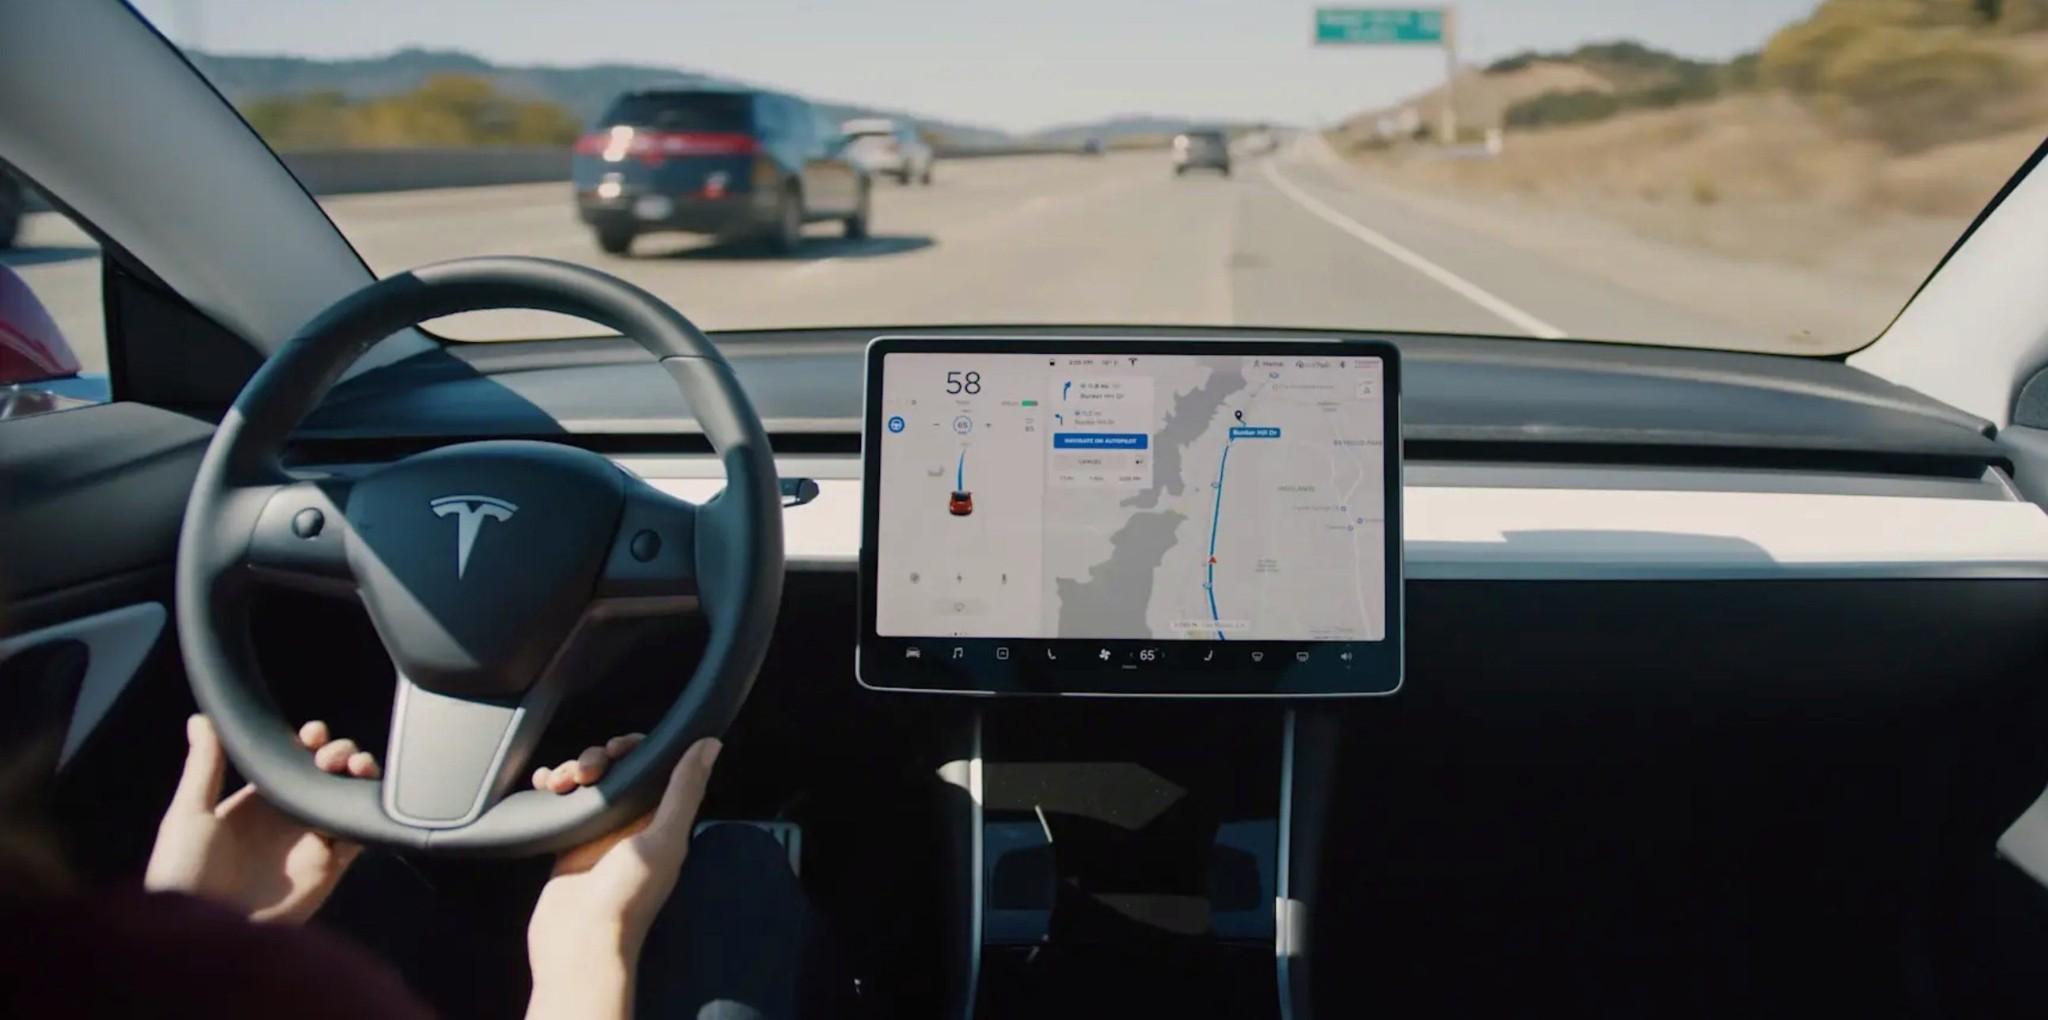 Tesla releases new Autopilot accident data report showing slight improvement - Electrek